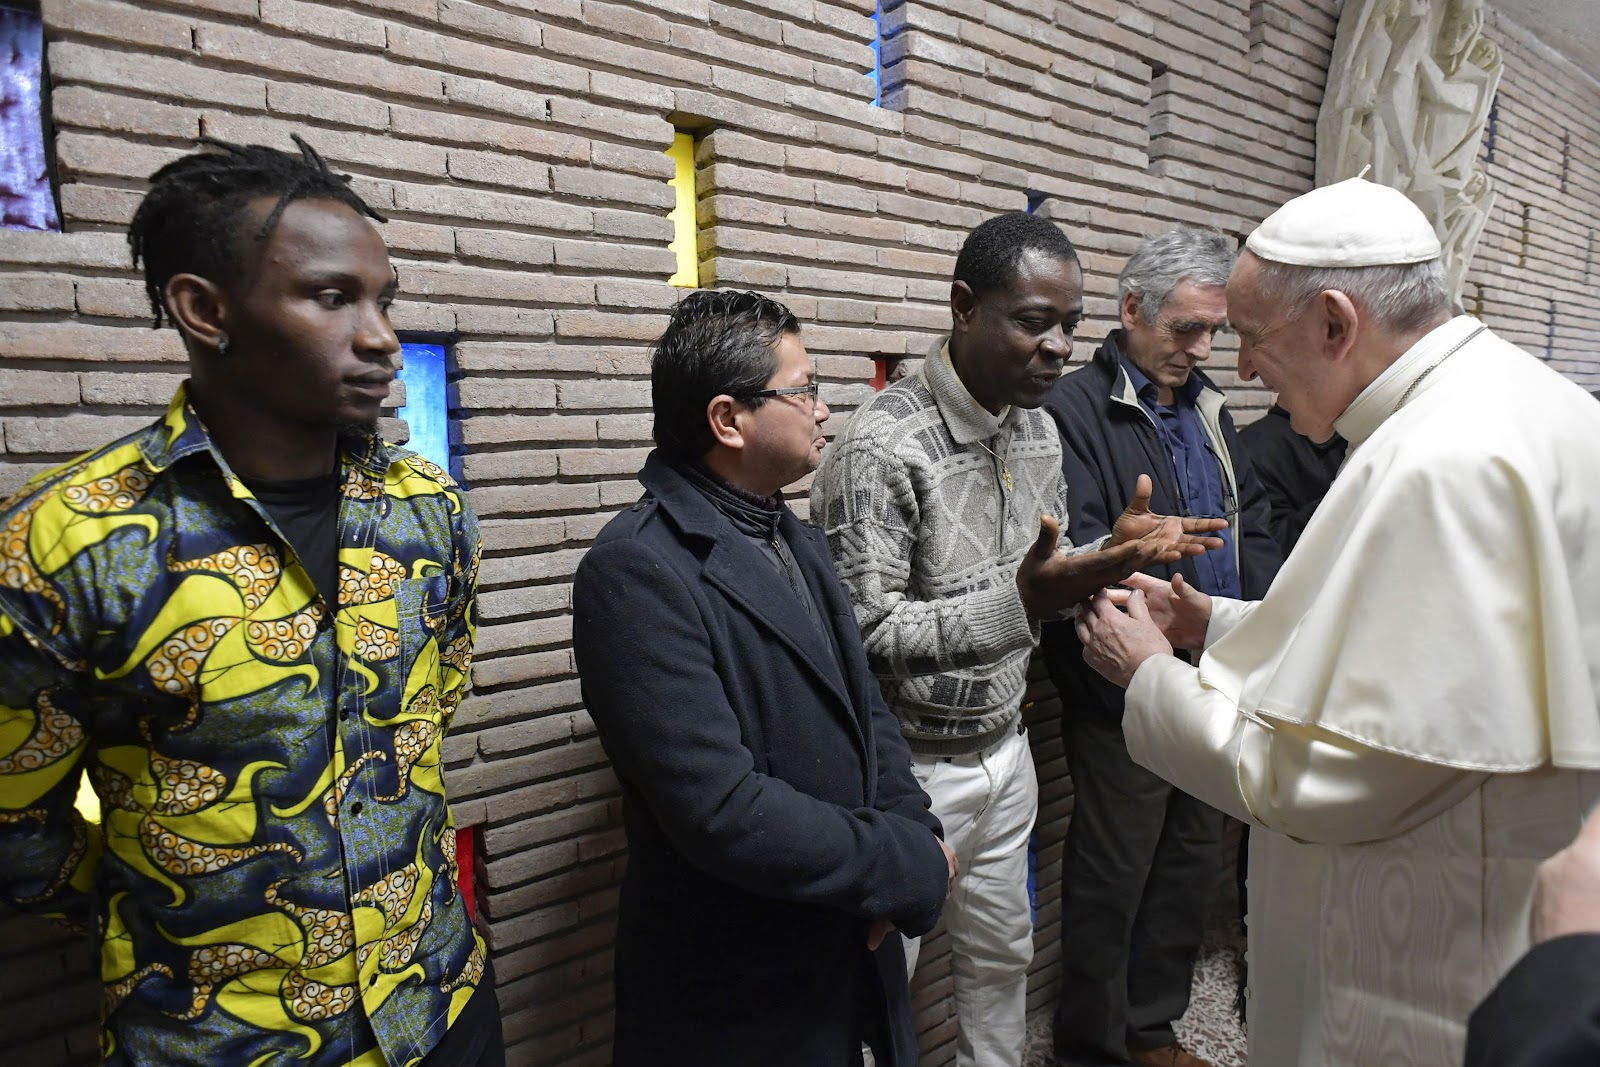 Đức Thánh Cha Phanxico thăm khu nhà cho người vô gia cư tại Sân bay của Roma